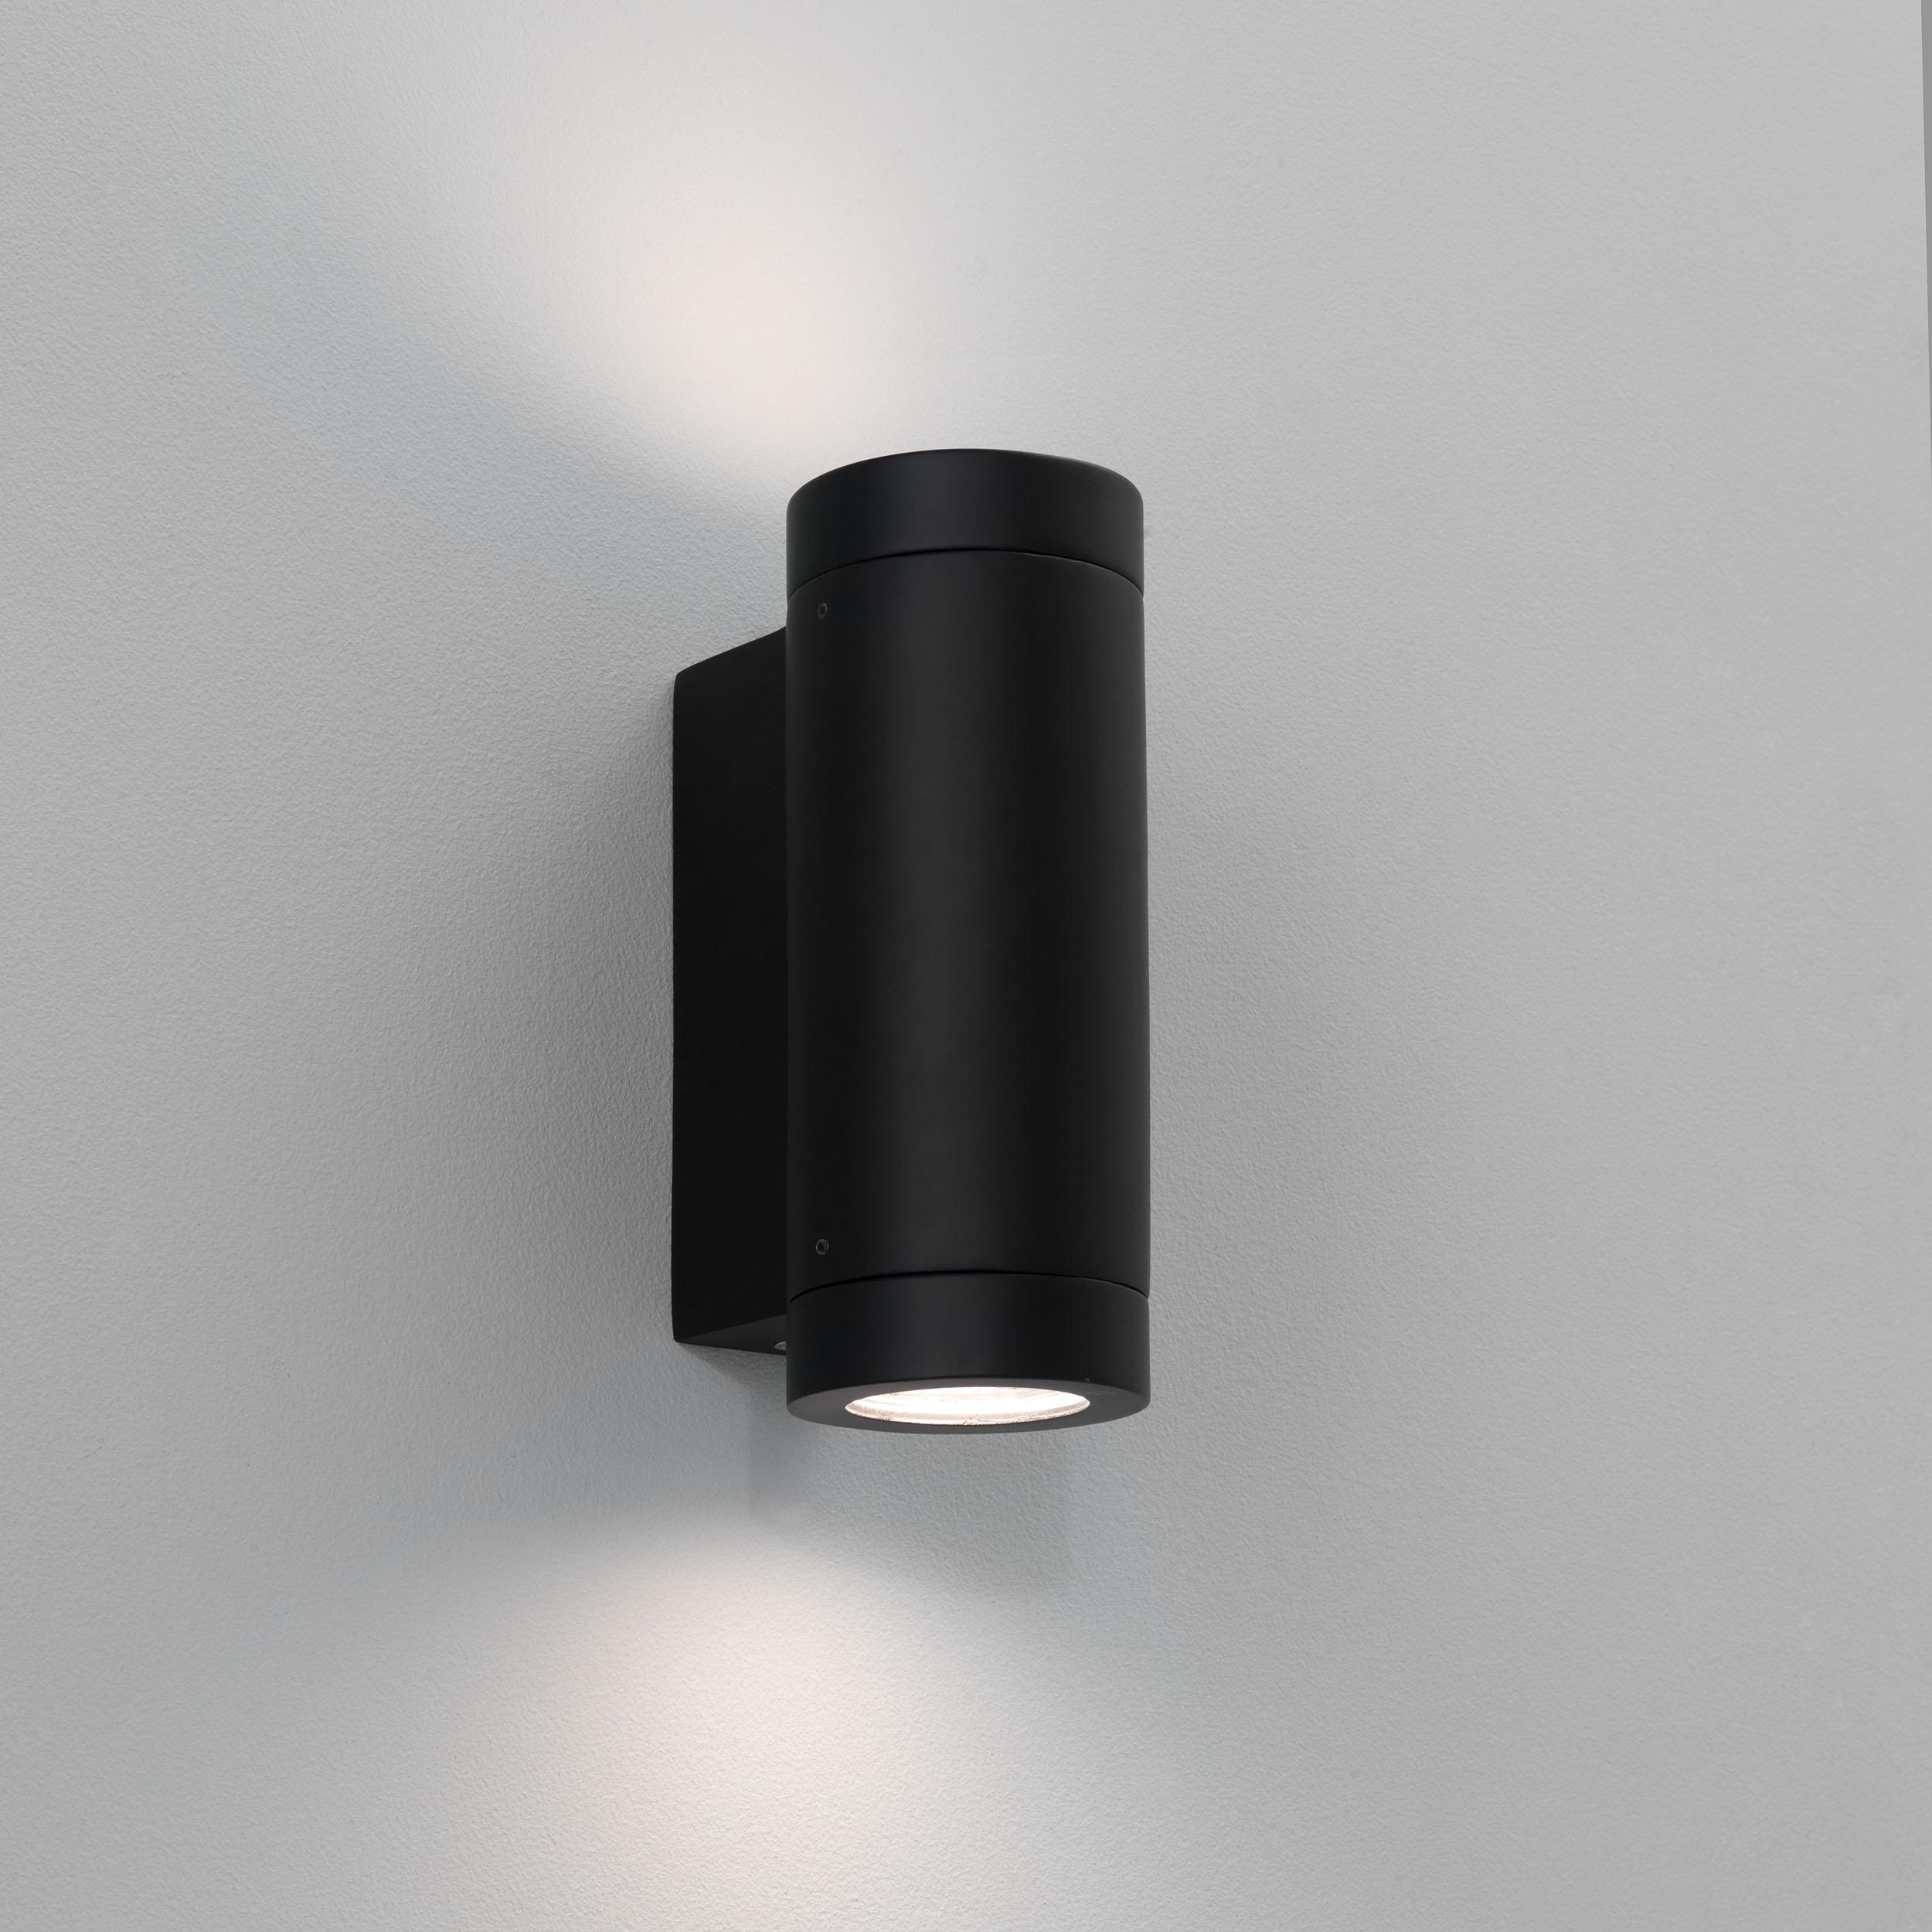 Настенный светильник Astro Porto 1082006 (0626), IP44, 2xGU10x7W, черный, металл, стекло - фото 1